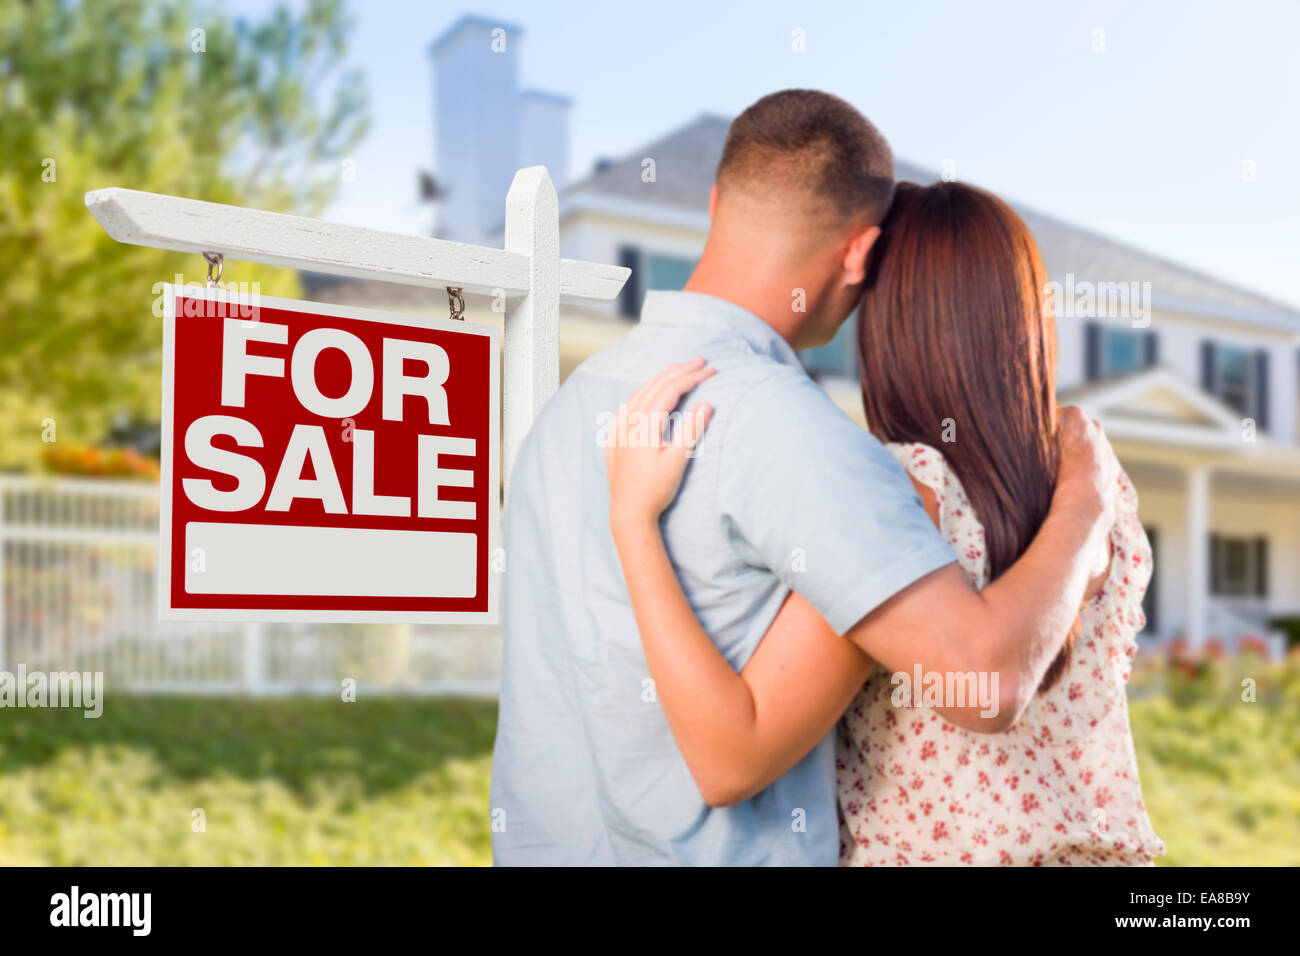 Für Immobilien Verkaufsschild und liebevolle militärische paar schöne neue Haus betrachten. Stockbild